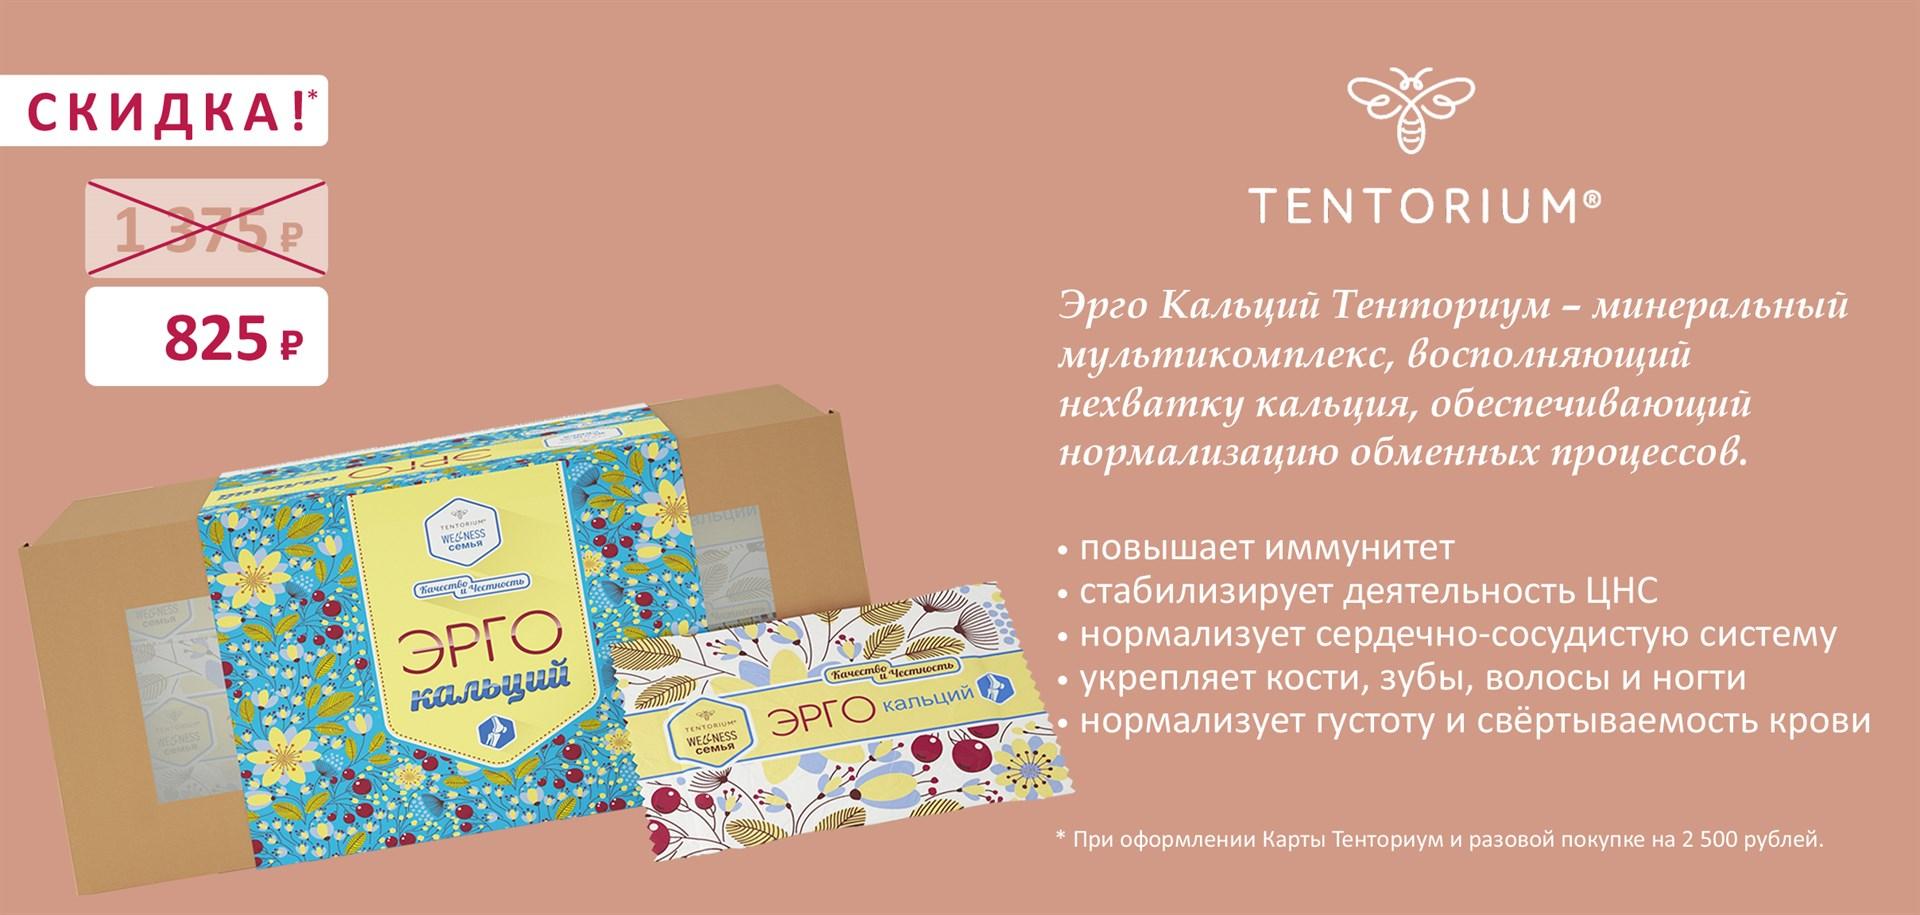 ЭргоКальций ТЕНТОРИУМ купить со скидкой официальный магазин TENTORIUM